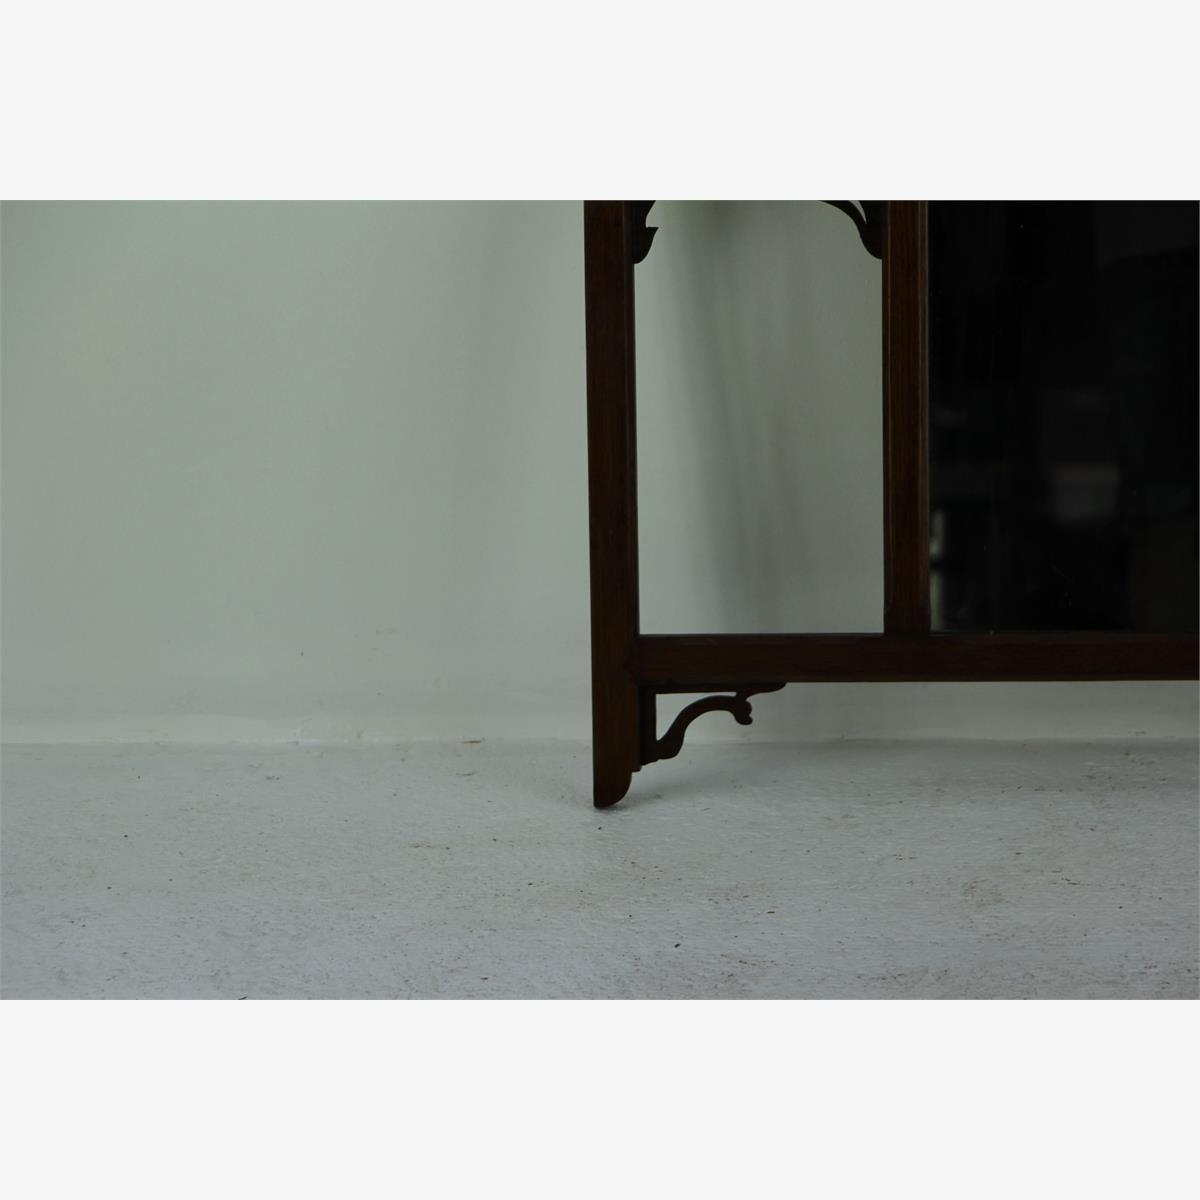 Afbeeldingen van oude kapstok met spiegel